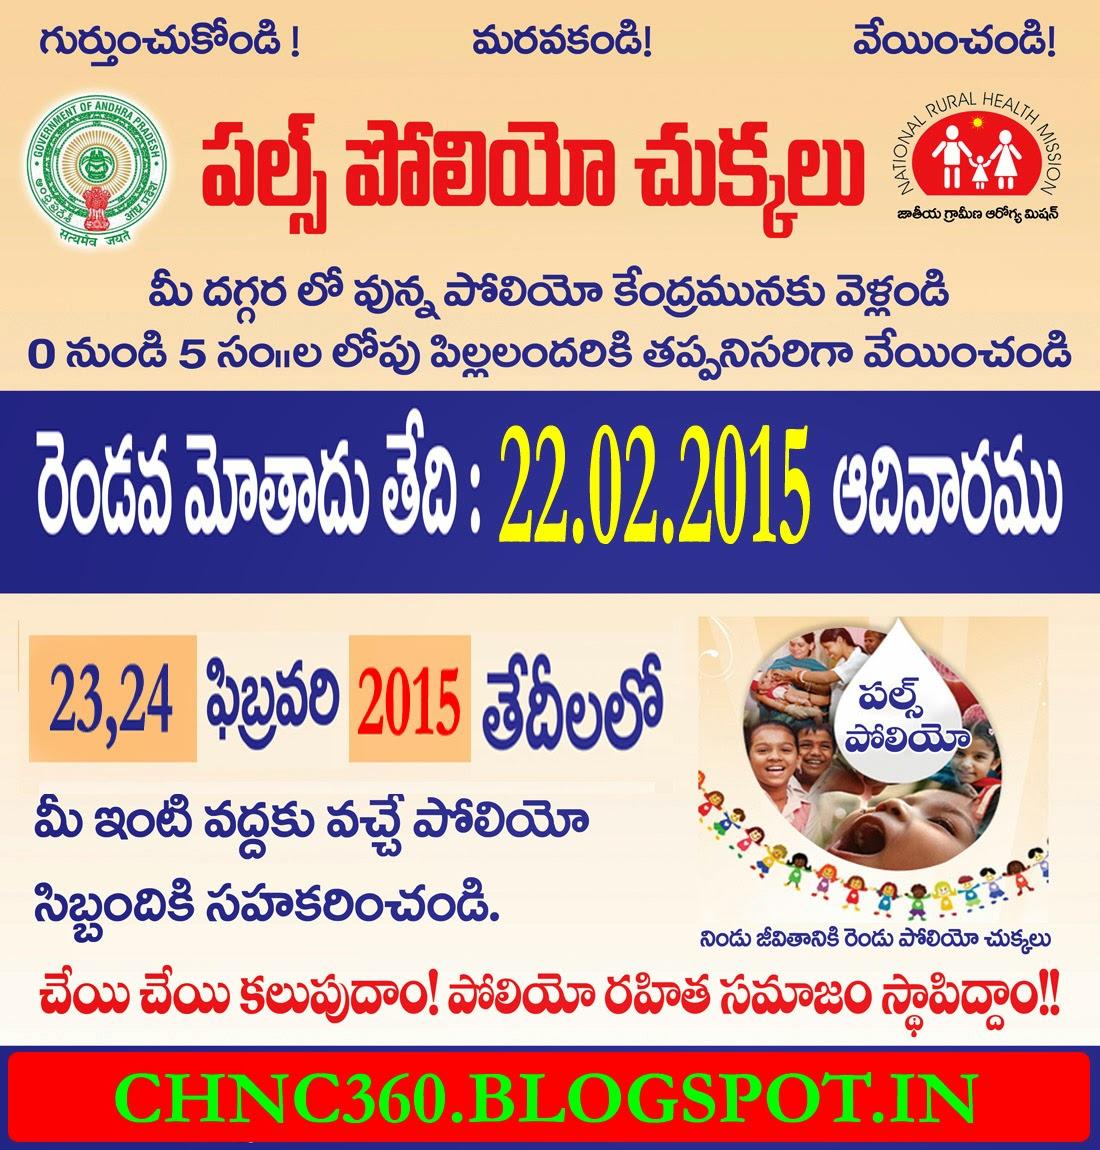 పల్స్ పోలియో రెండవ మోతాదు 22-02-2015 ఆదివారం...... వేయుంచండి ....మరువకండి.